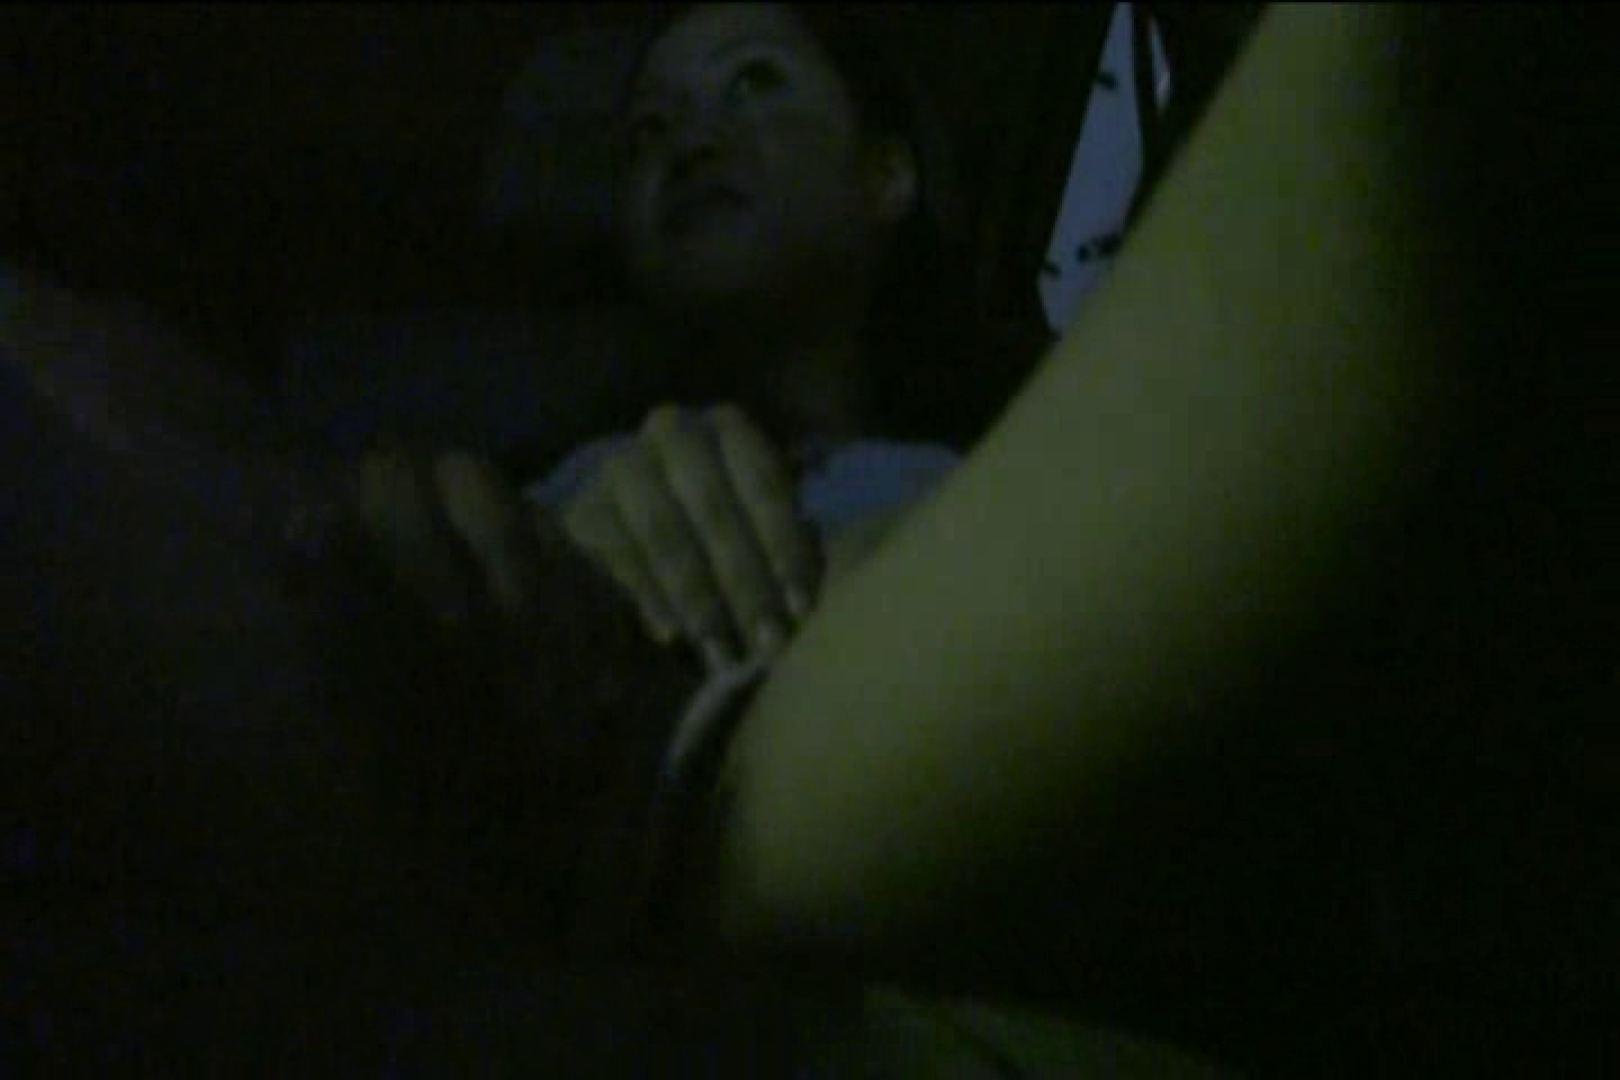 車内で初めまして! vol01 車 オマンコ無修正動画無料 13pic 12